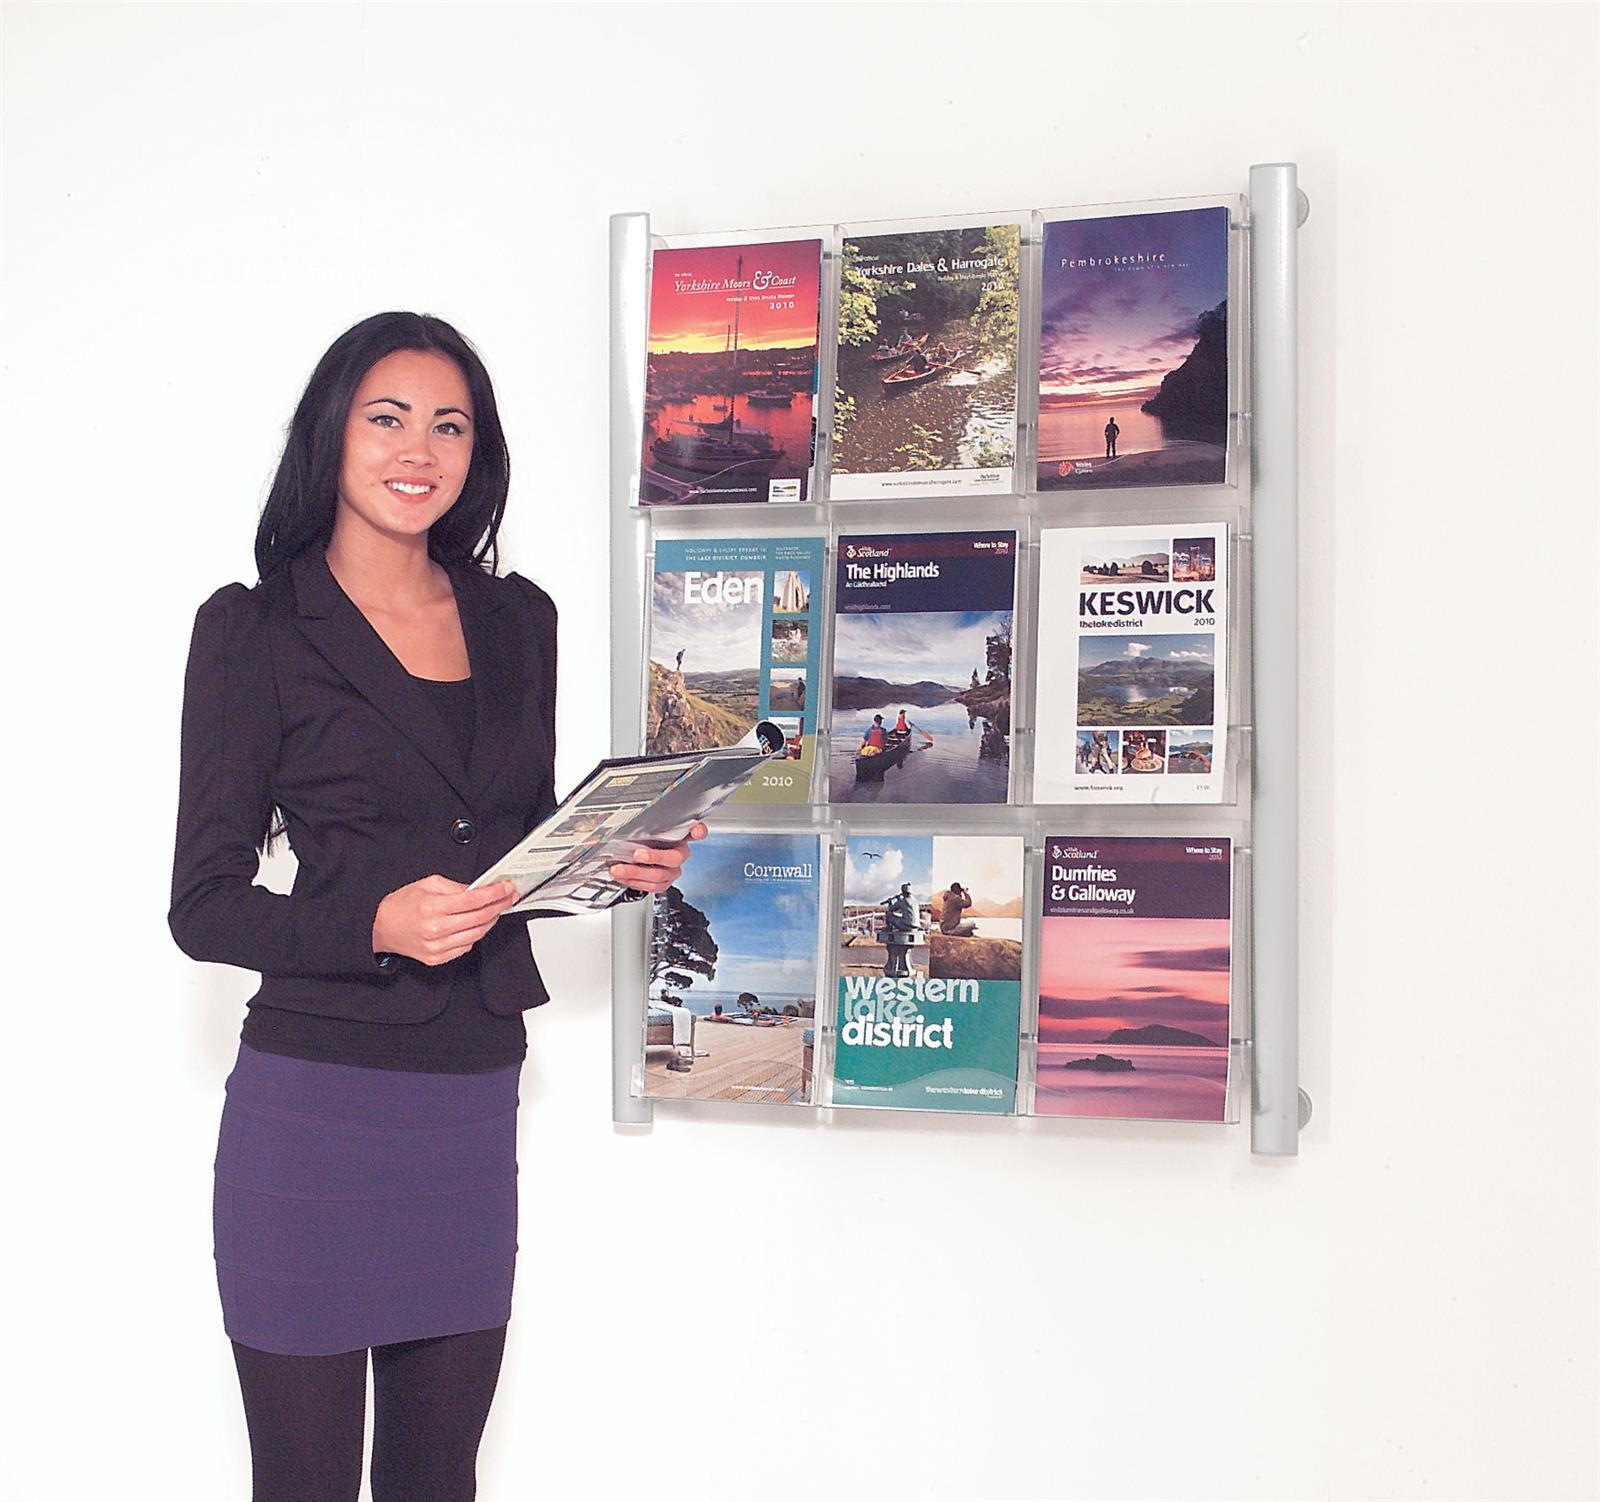 Crest Wall Mounted Literature Dispenser